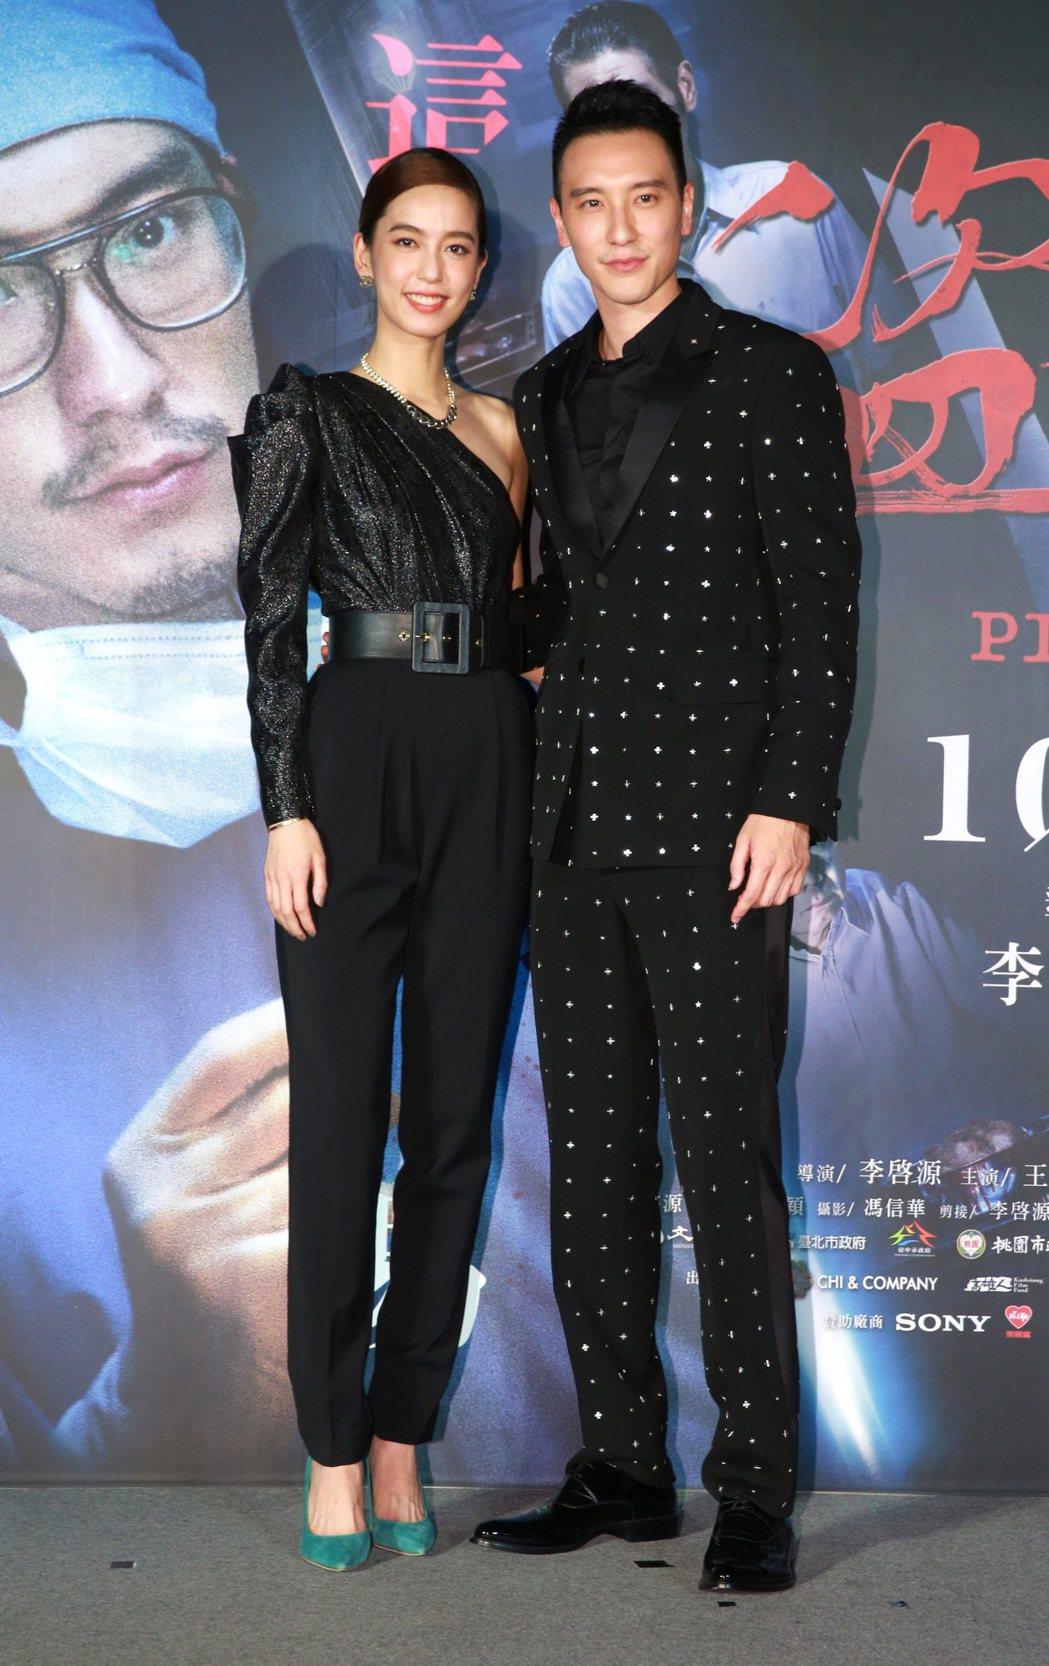 犯罪懸疑電影「盜命師」舉行台北首映會,男主角王陽明(右)、女主角陳庭妮(左四),